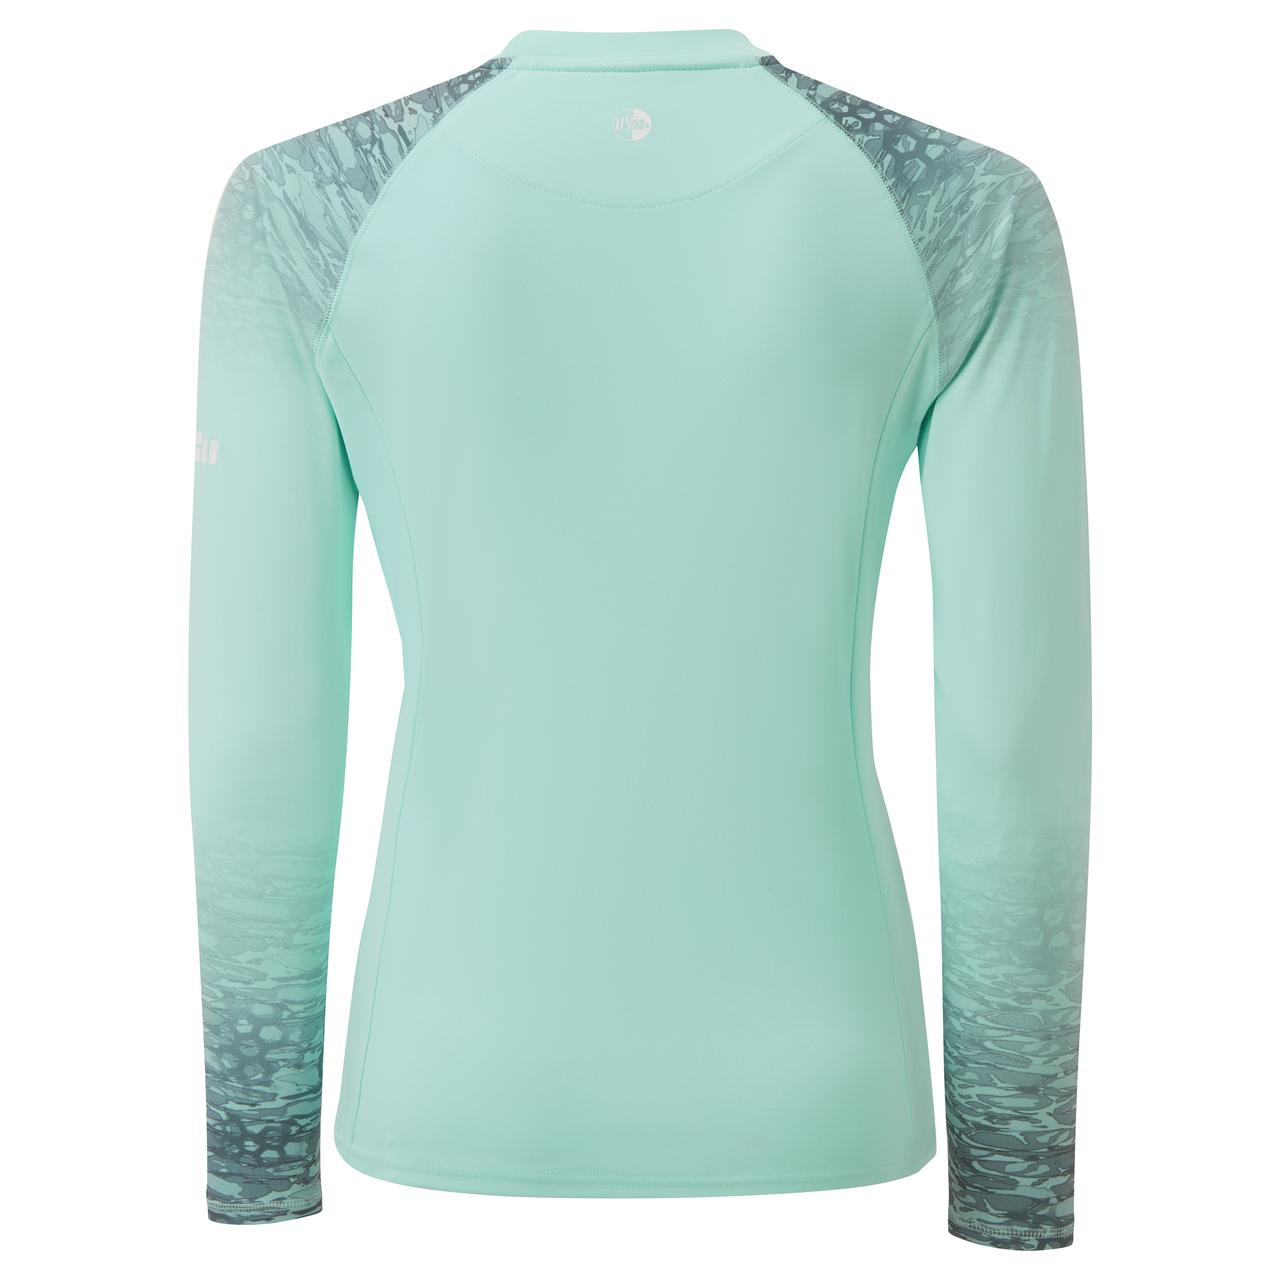 Women's UV Tec Long Sleeve Tee - UV011W-MOR01-3.jpg